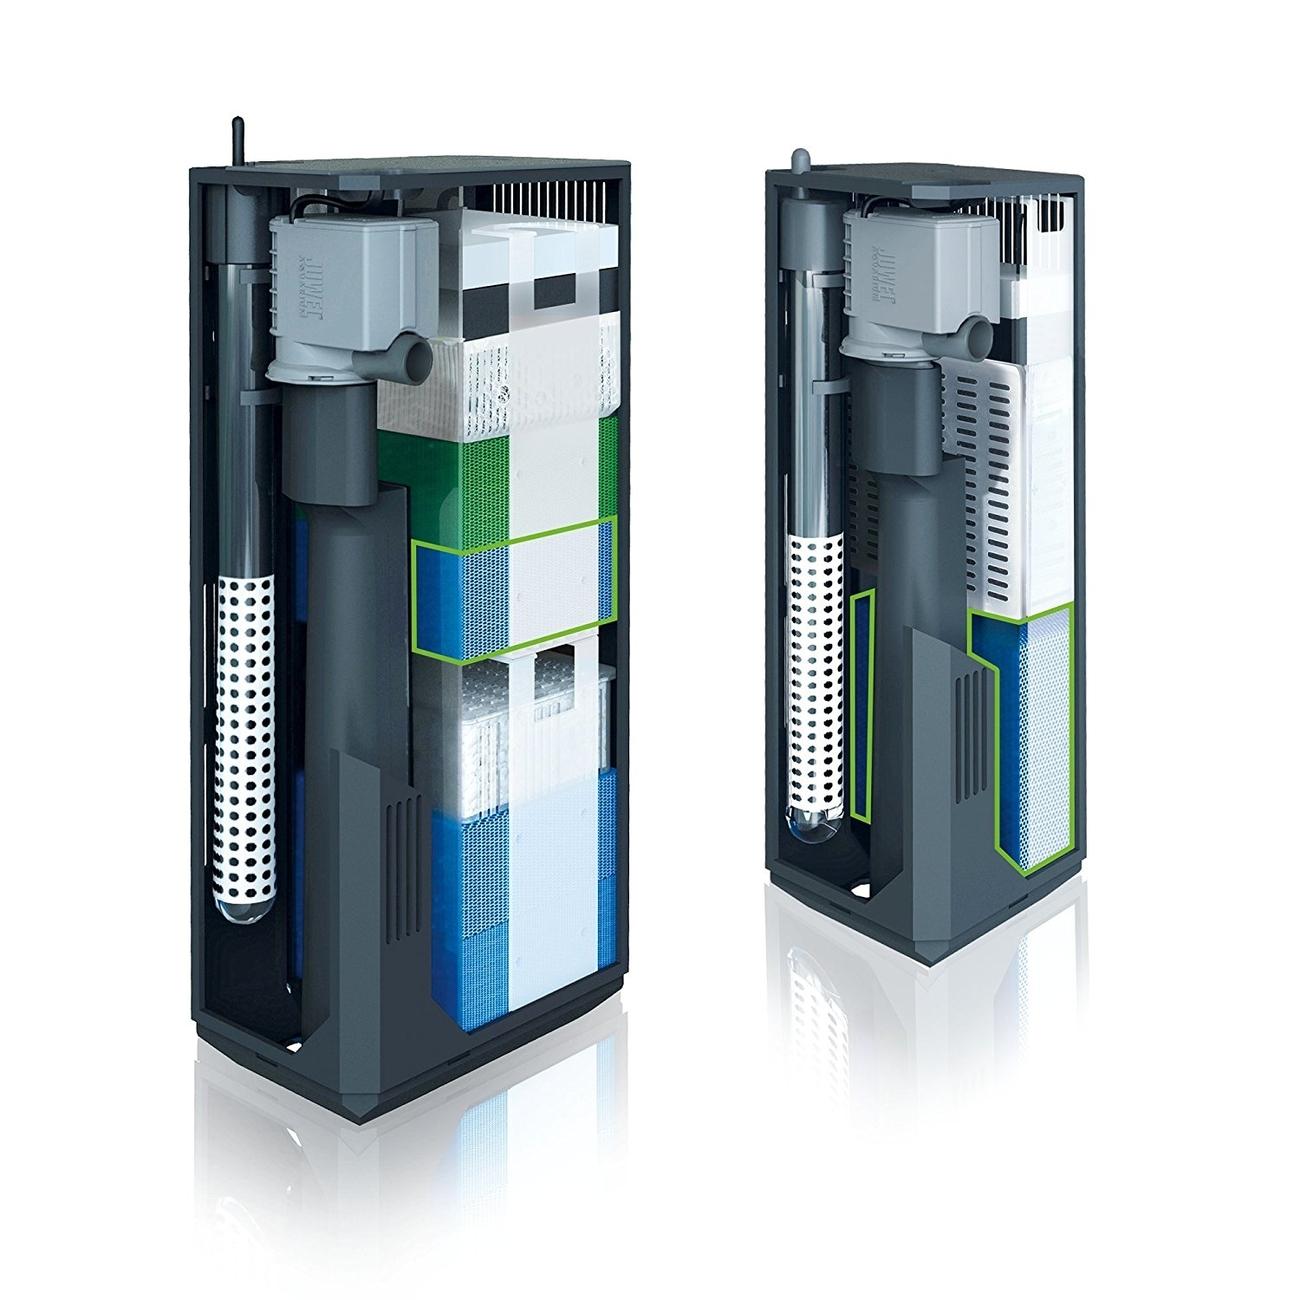 Juwel bioPlus coarse grobporiger Filterschwamm, Bild 6